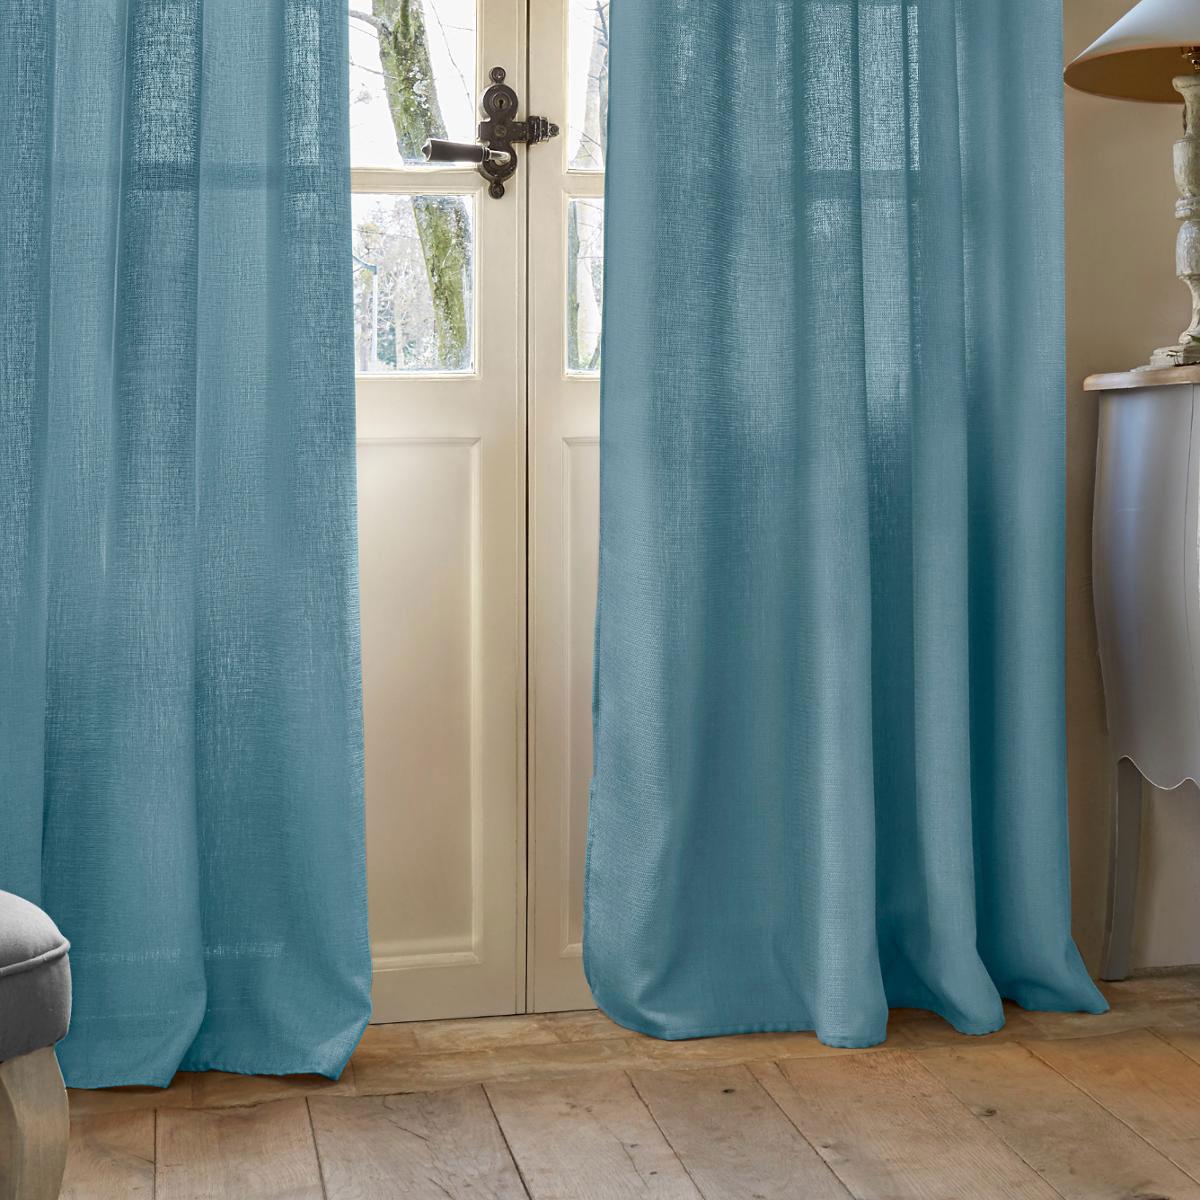 rideau effet petite maille bleu blanc lin homemaison vente en ligne rideaux. Black Bedroom Furniture Sets. Home Design Ideas